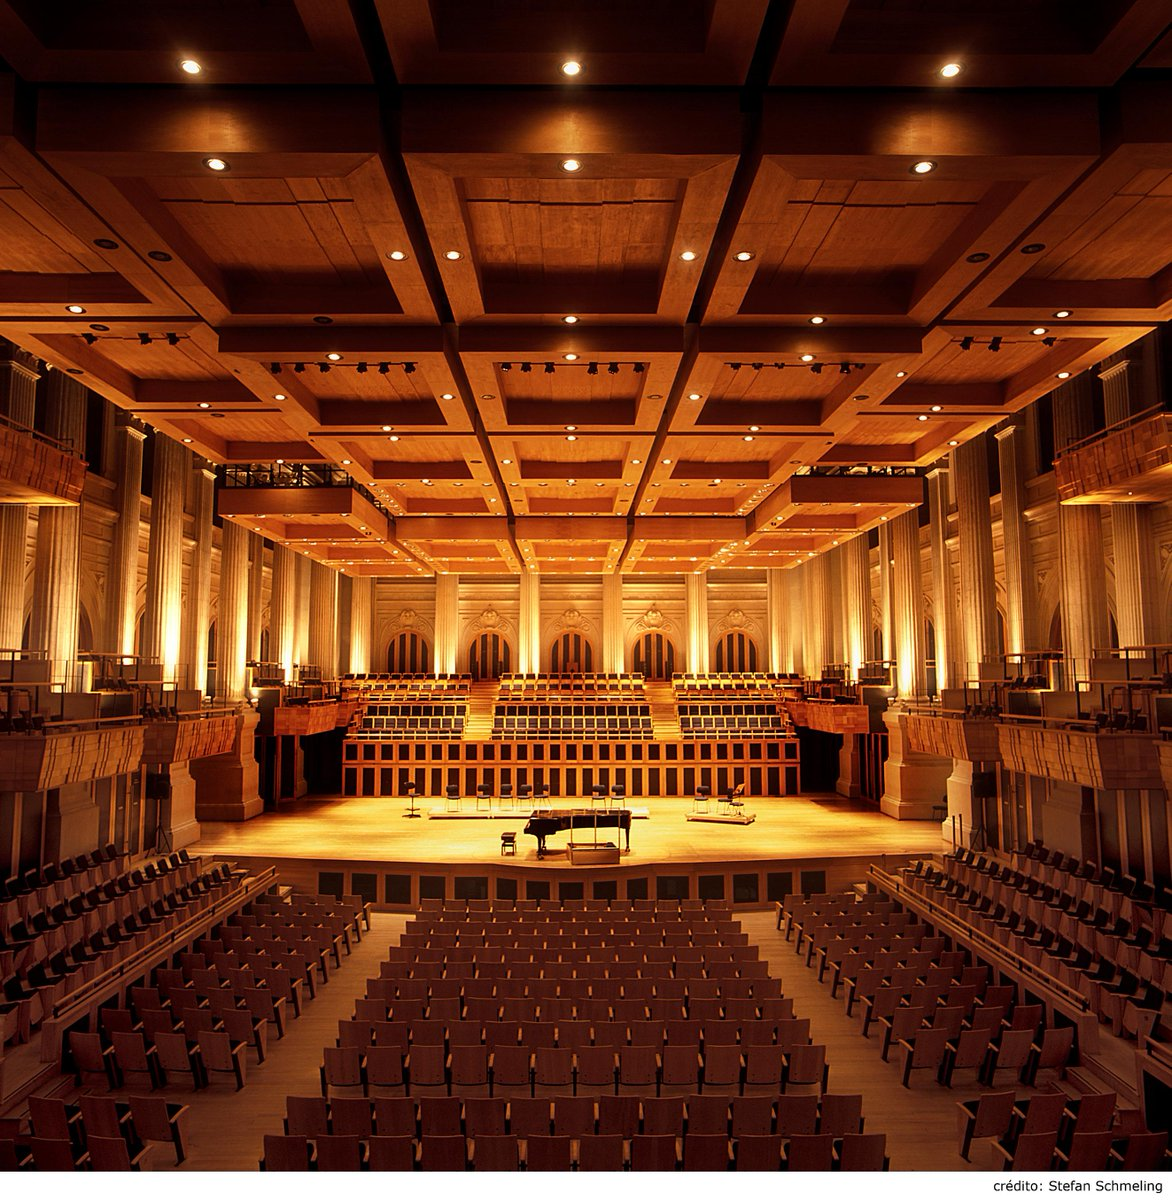 A Sala São Paulo, casa da Osesp, está entre as 10 melhores salas do mundo! The Guardian http://t.co/KsK9z1B1Ww http://t.co/TfpfW5z1ol